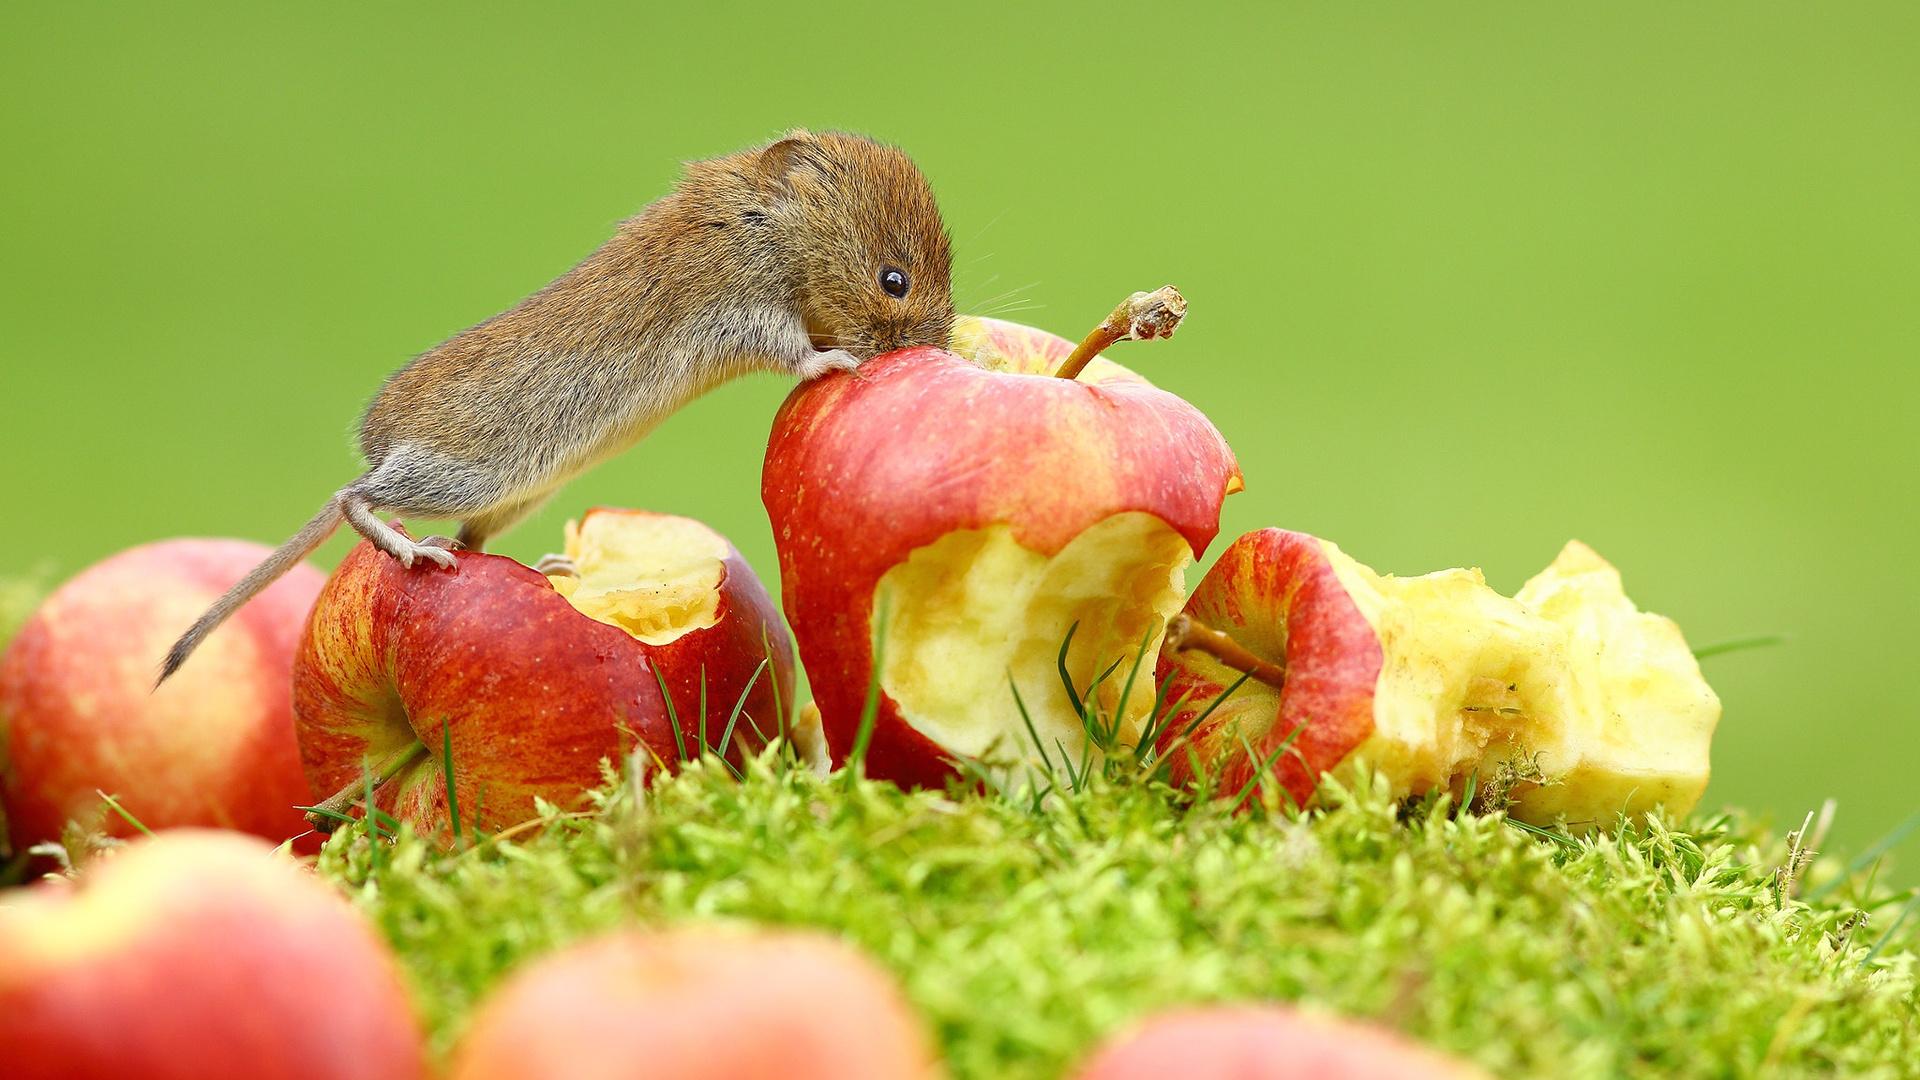 красивые картинки животных и фруктов очередной день пребывания